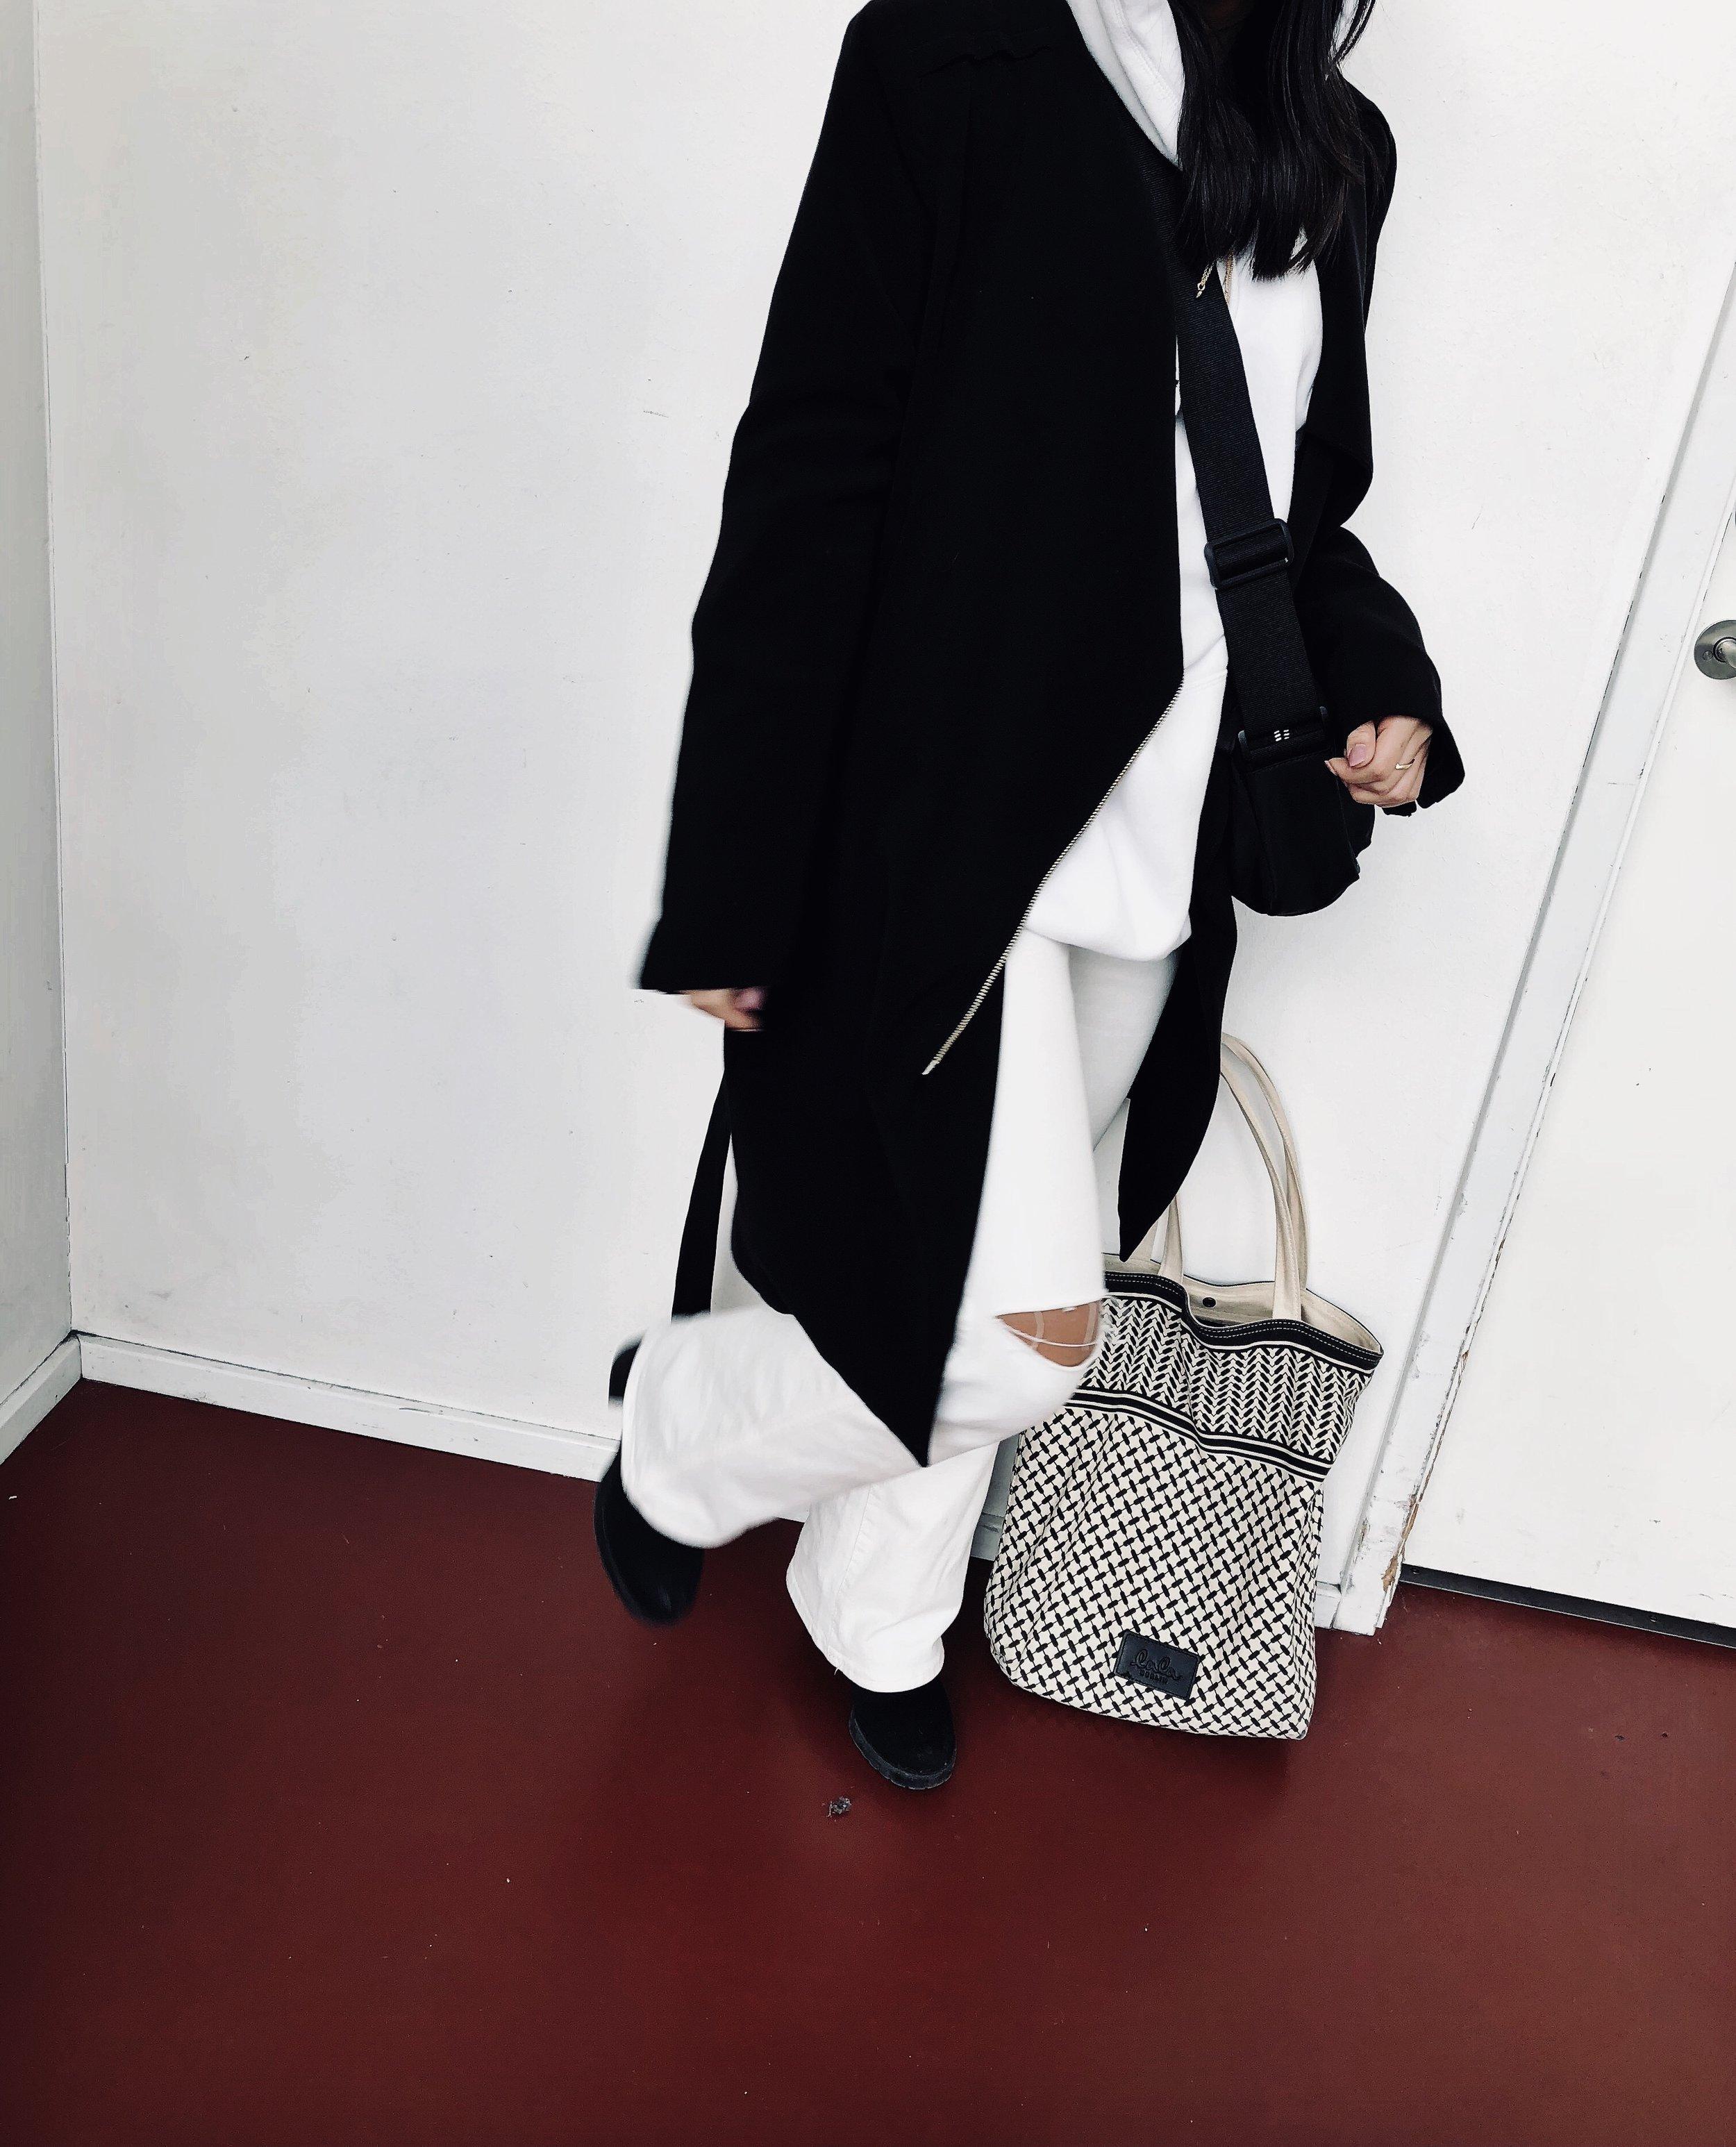 Amanda er iført hættetrøje fra Weekday, bukser fra Zara, støvletter fra Vagabond, En sort frakke, skuldertaske fra Astrid Olsen x Na-kd og en tote bag fra Lala Berlin.